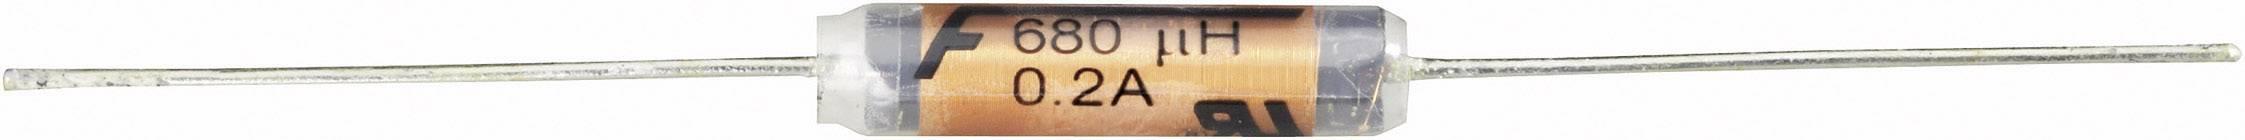 Cievka axiálne vývody Fastron MESC-471M-01, 470 µH, 0.3 A, 10 %, 1 ks